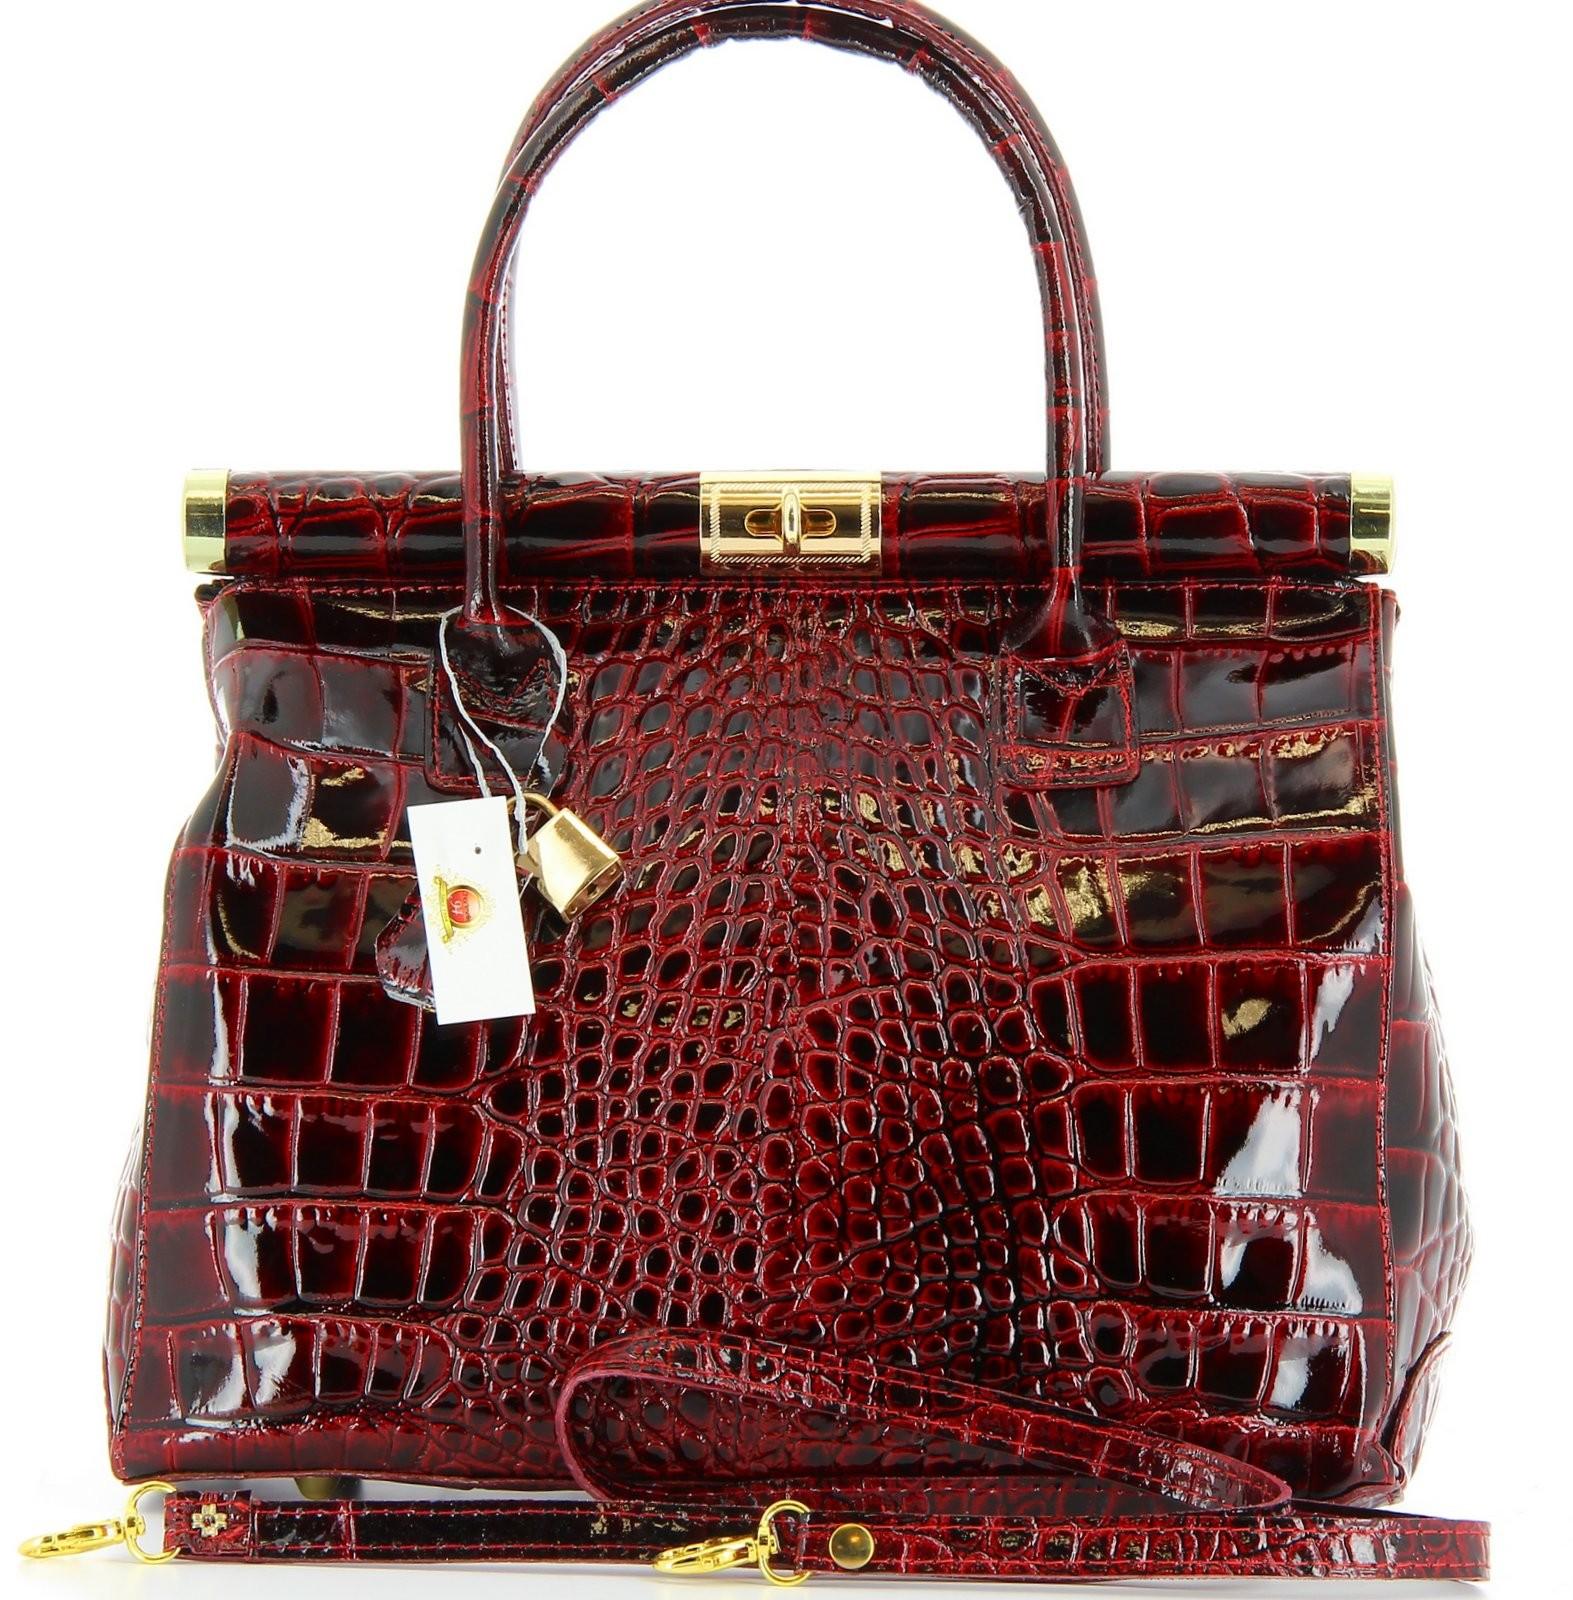 sac main femme cuir vernis port main ou paule luxe bordeaux mi. Black Bedroom Furniture Sets. Home Design Ideas